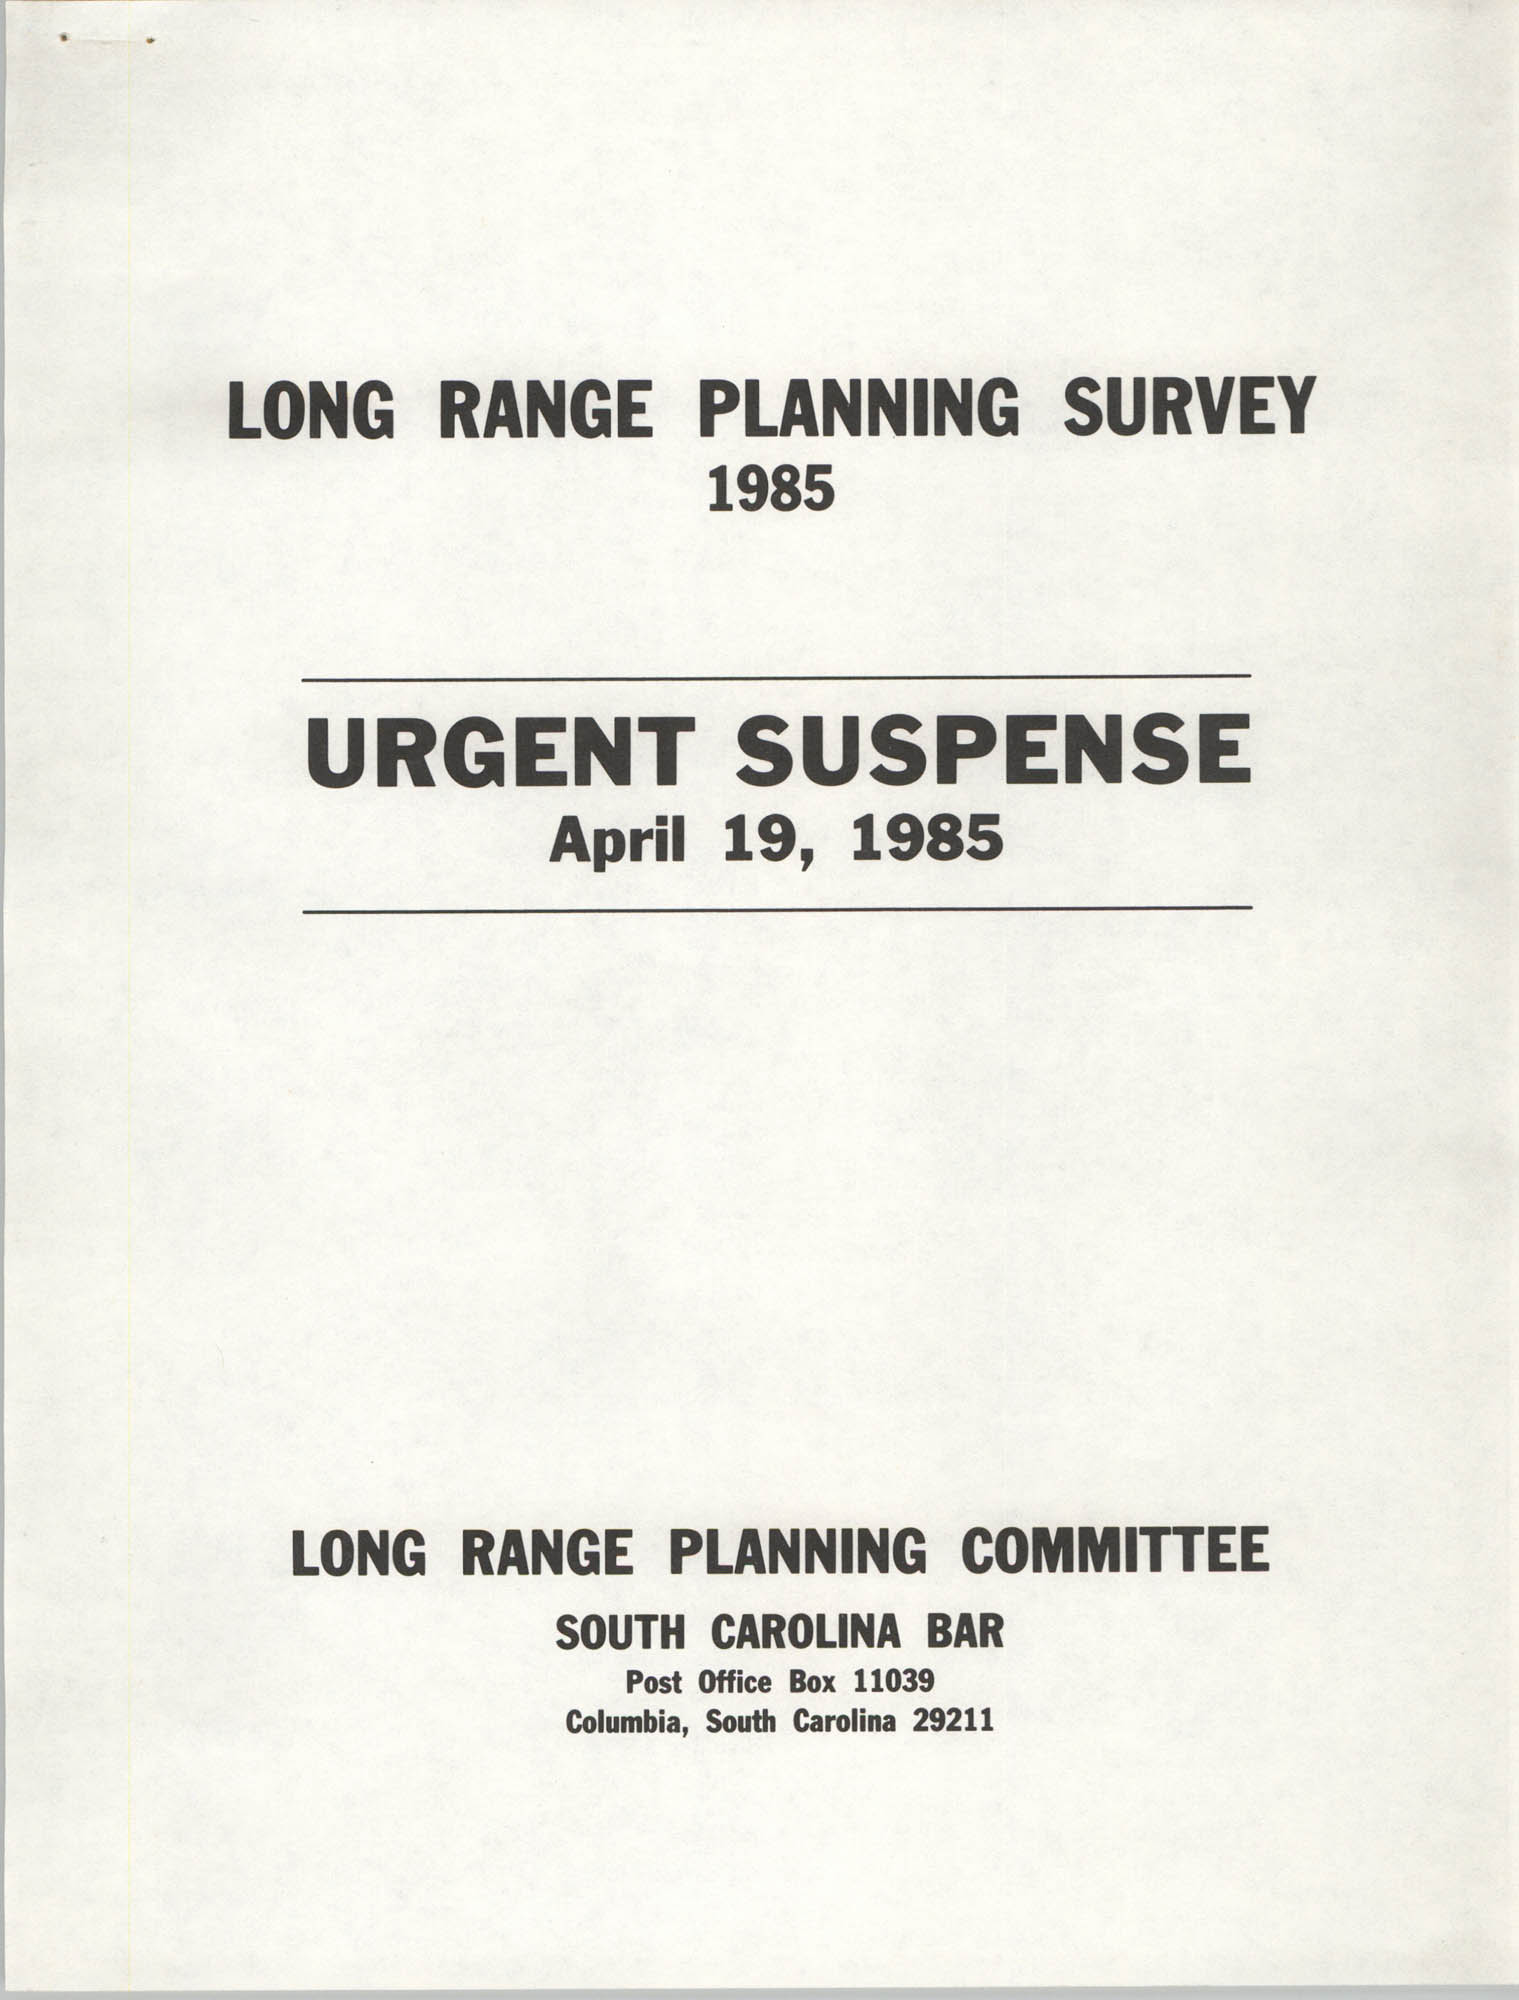 Long Range Planning Survey, Long Range Planning Committee, South Carolina Bar,  1985